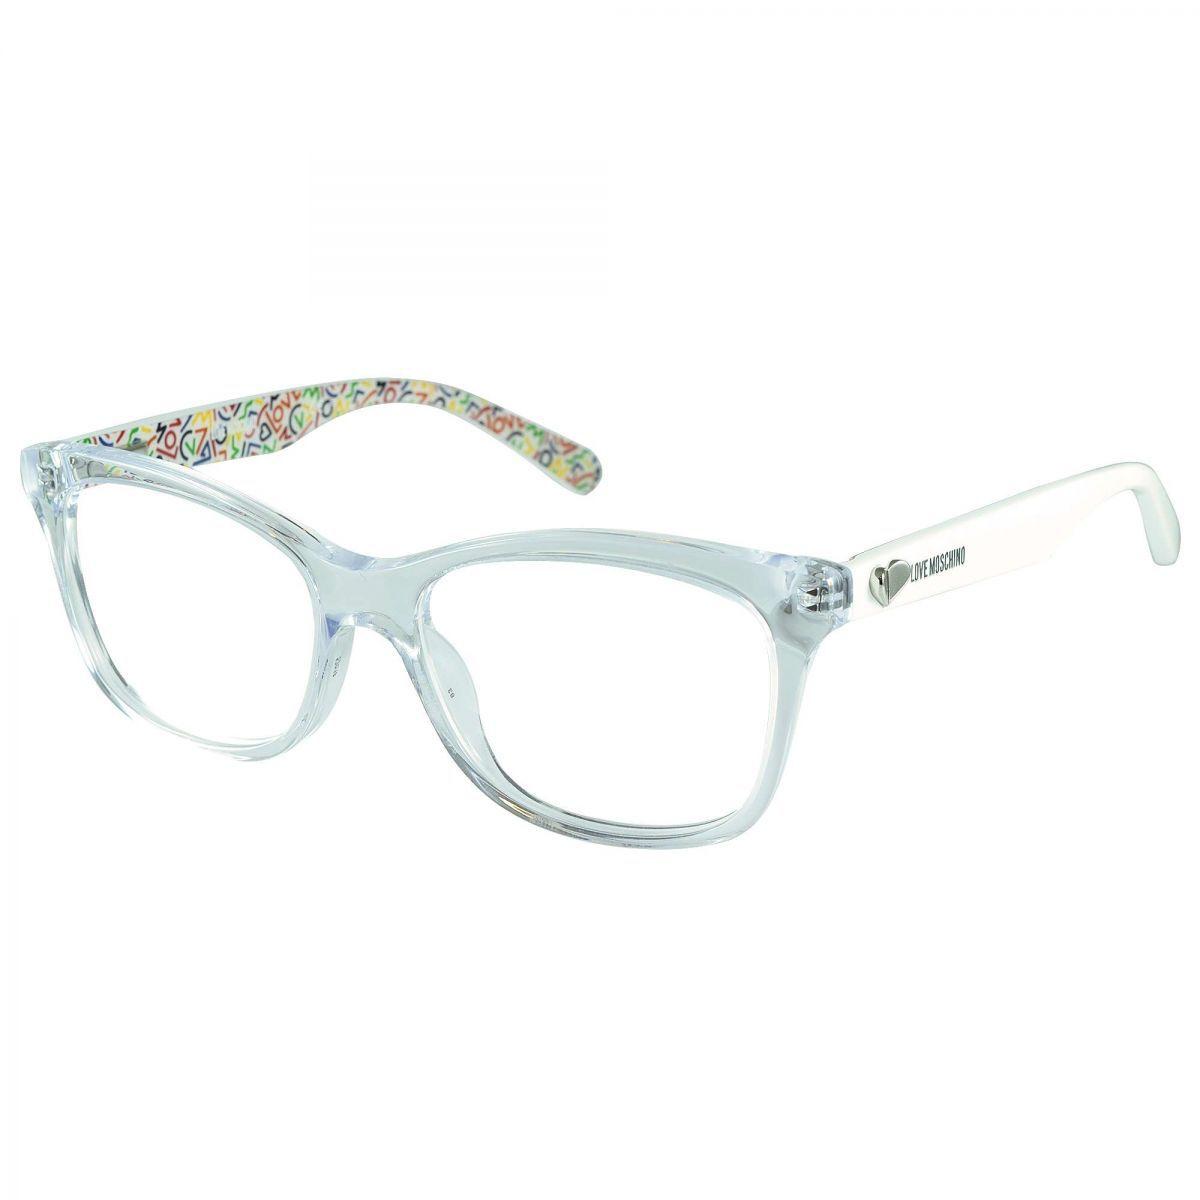 60464432307d5 Armação Óculos De Grau Love Moschino Feminino Mol509 900 - Omega ...